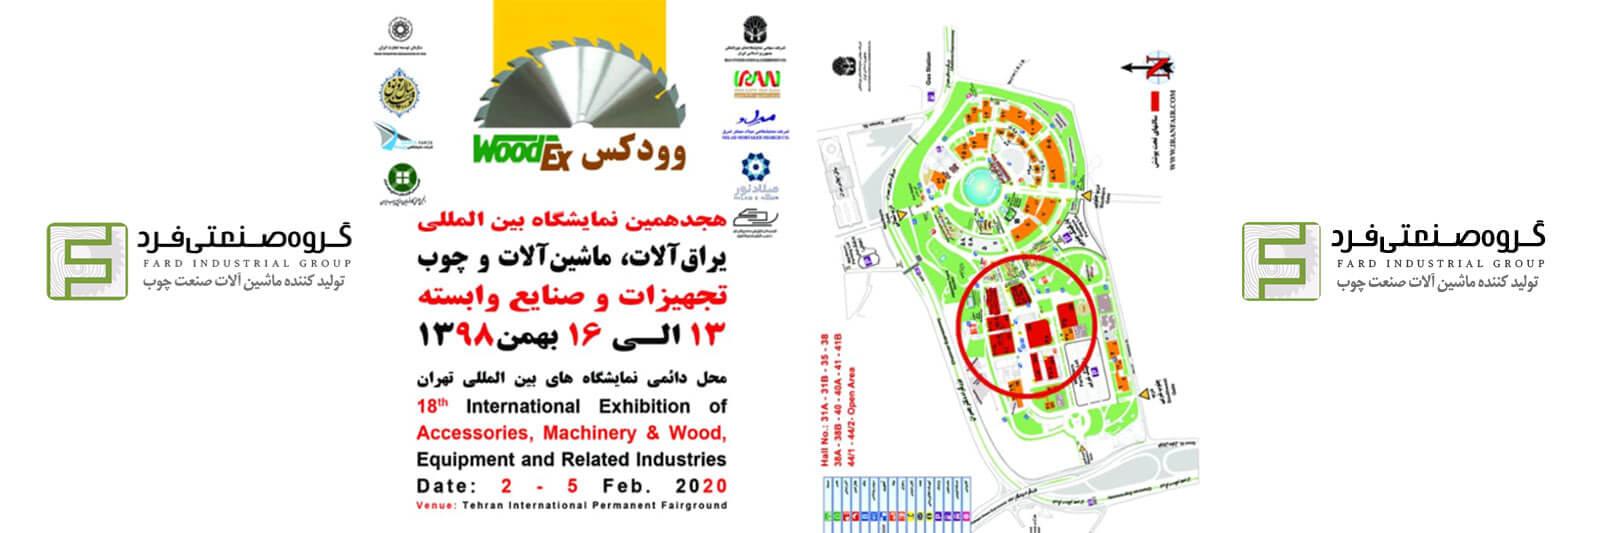 نمایشگاه بین المللی صنعت چوب تهران